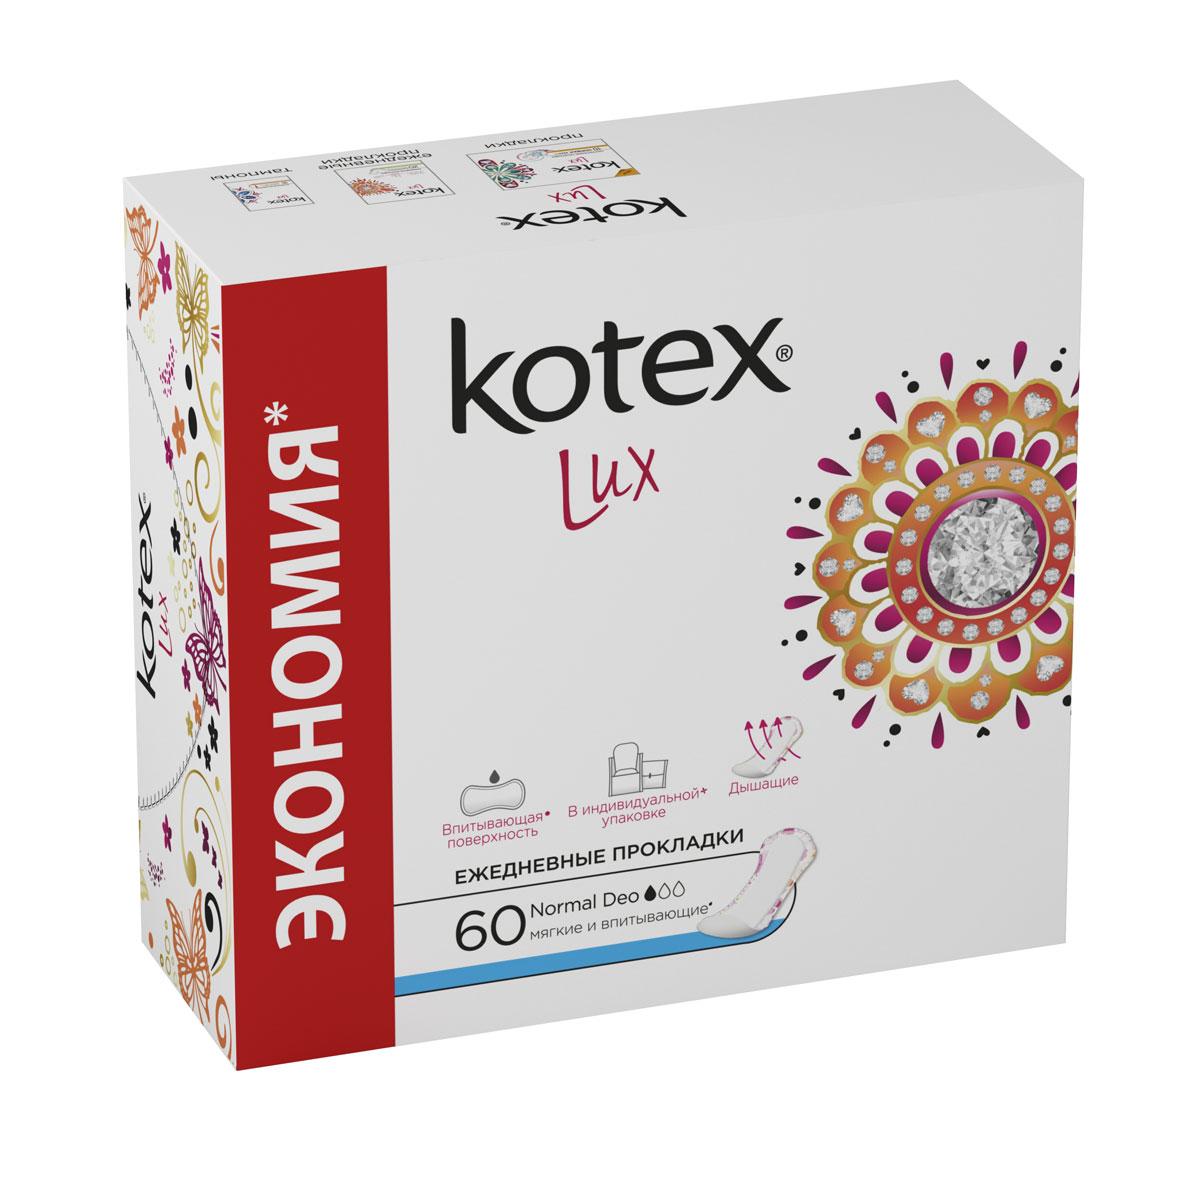 Kotex Ежедневные прокладки Lux. Normal Deo, с ароматом алоэ вера, 60 шт2606116336Ежедневные прокладки помогают чувствовать себя увереннее, особенно в условиях нынешнего активного ритма жизни. Тонкие, эластичные и дышащие ежедневные прокладки Kotex Lux. Normal Deo, помогут оставаться уверенной в себе каждую минуту. Kotex подходят как для обычного белья, так и для трусиков стрингов. Каждая ежедневка в индивидуальной упаковке. Характеристики: Размер упаковки: 7 см х 6,5 см х 10 см. Производитель: Россия. Товар сертифицирован.